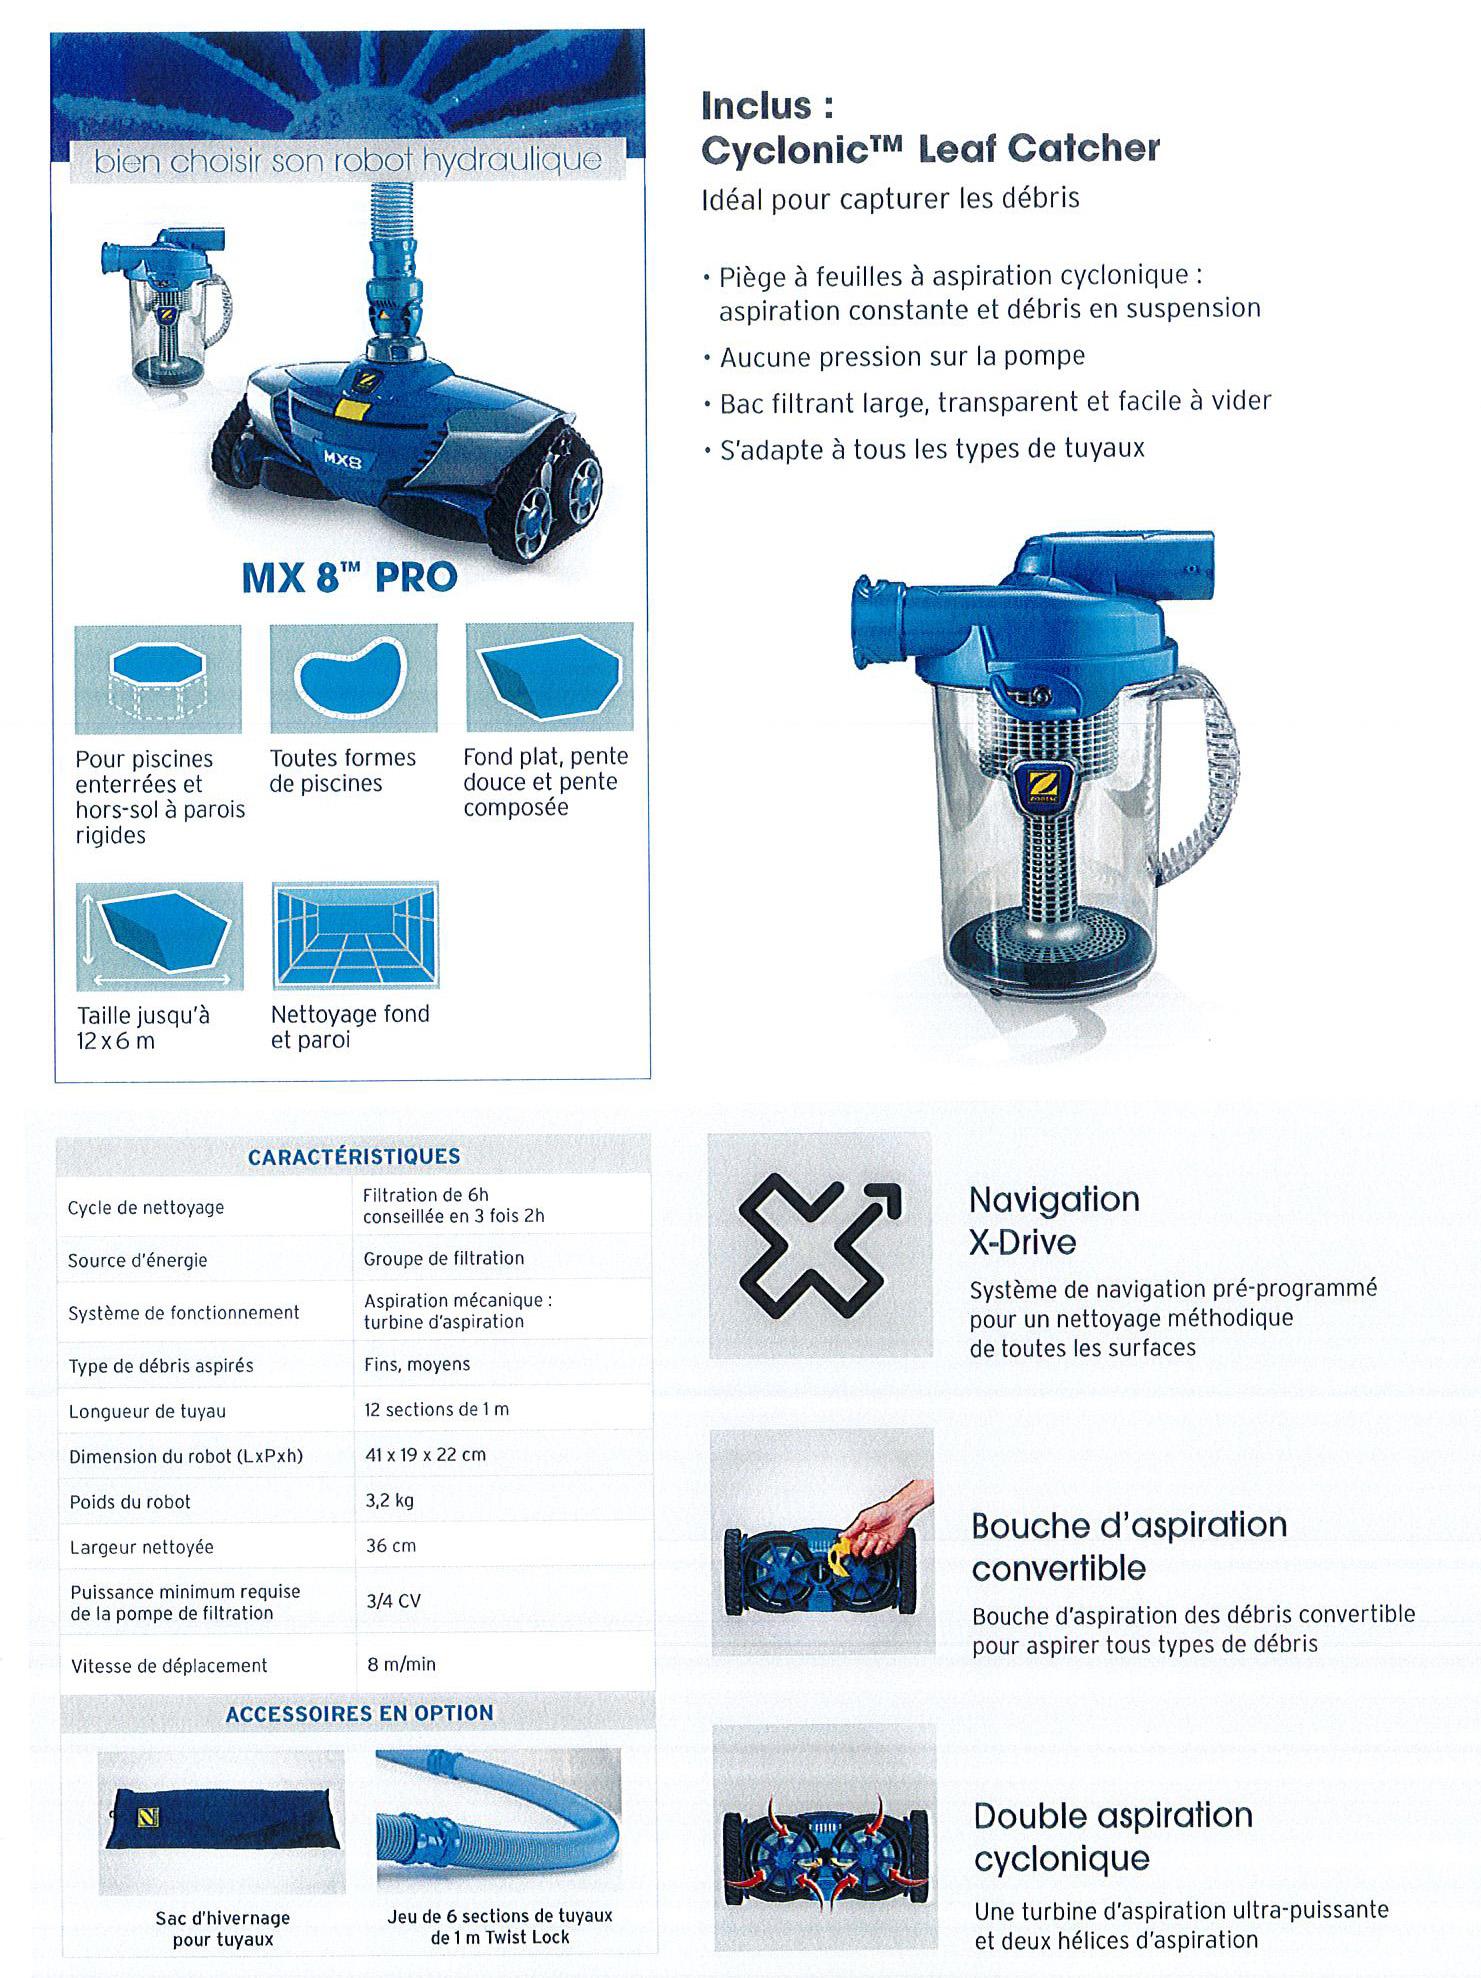 Robot Nettoyeur Hydraulique Mx8 Pro - Zodiac - Jp Moreau ... pour Robot Piscine Zodiac Mx8